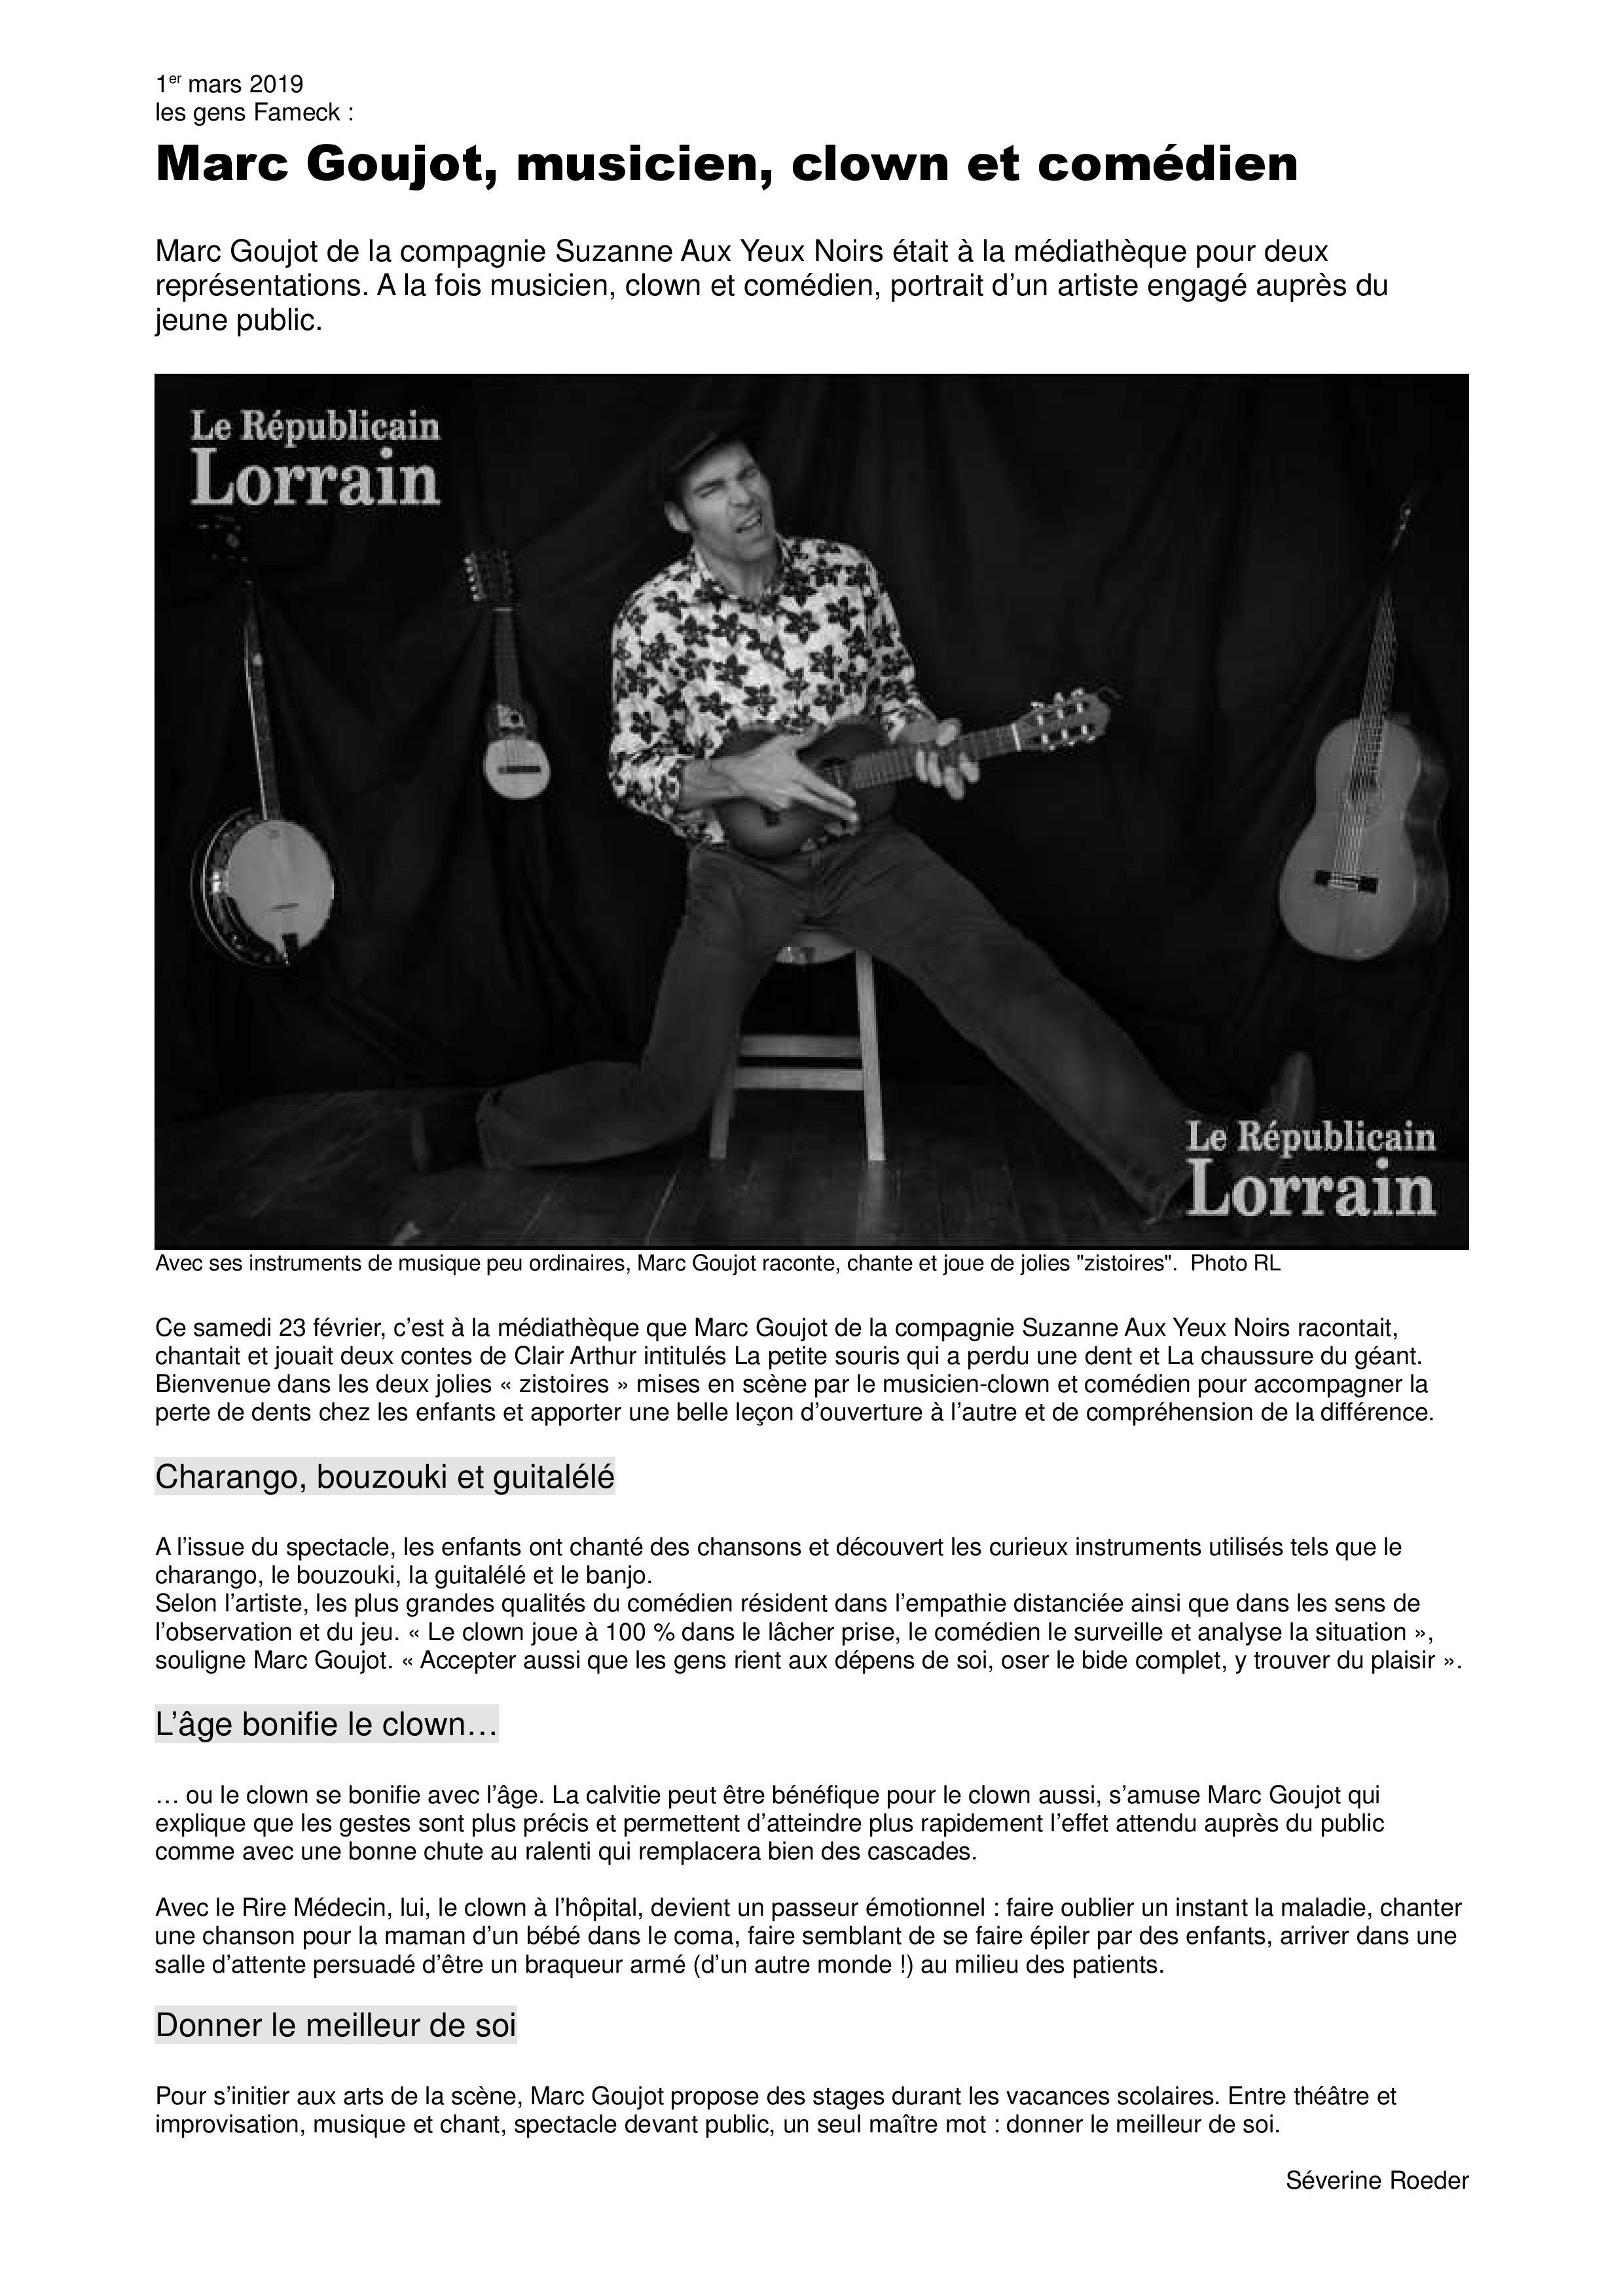 19 03 01 Z Républicain Lorrain-page-001